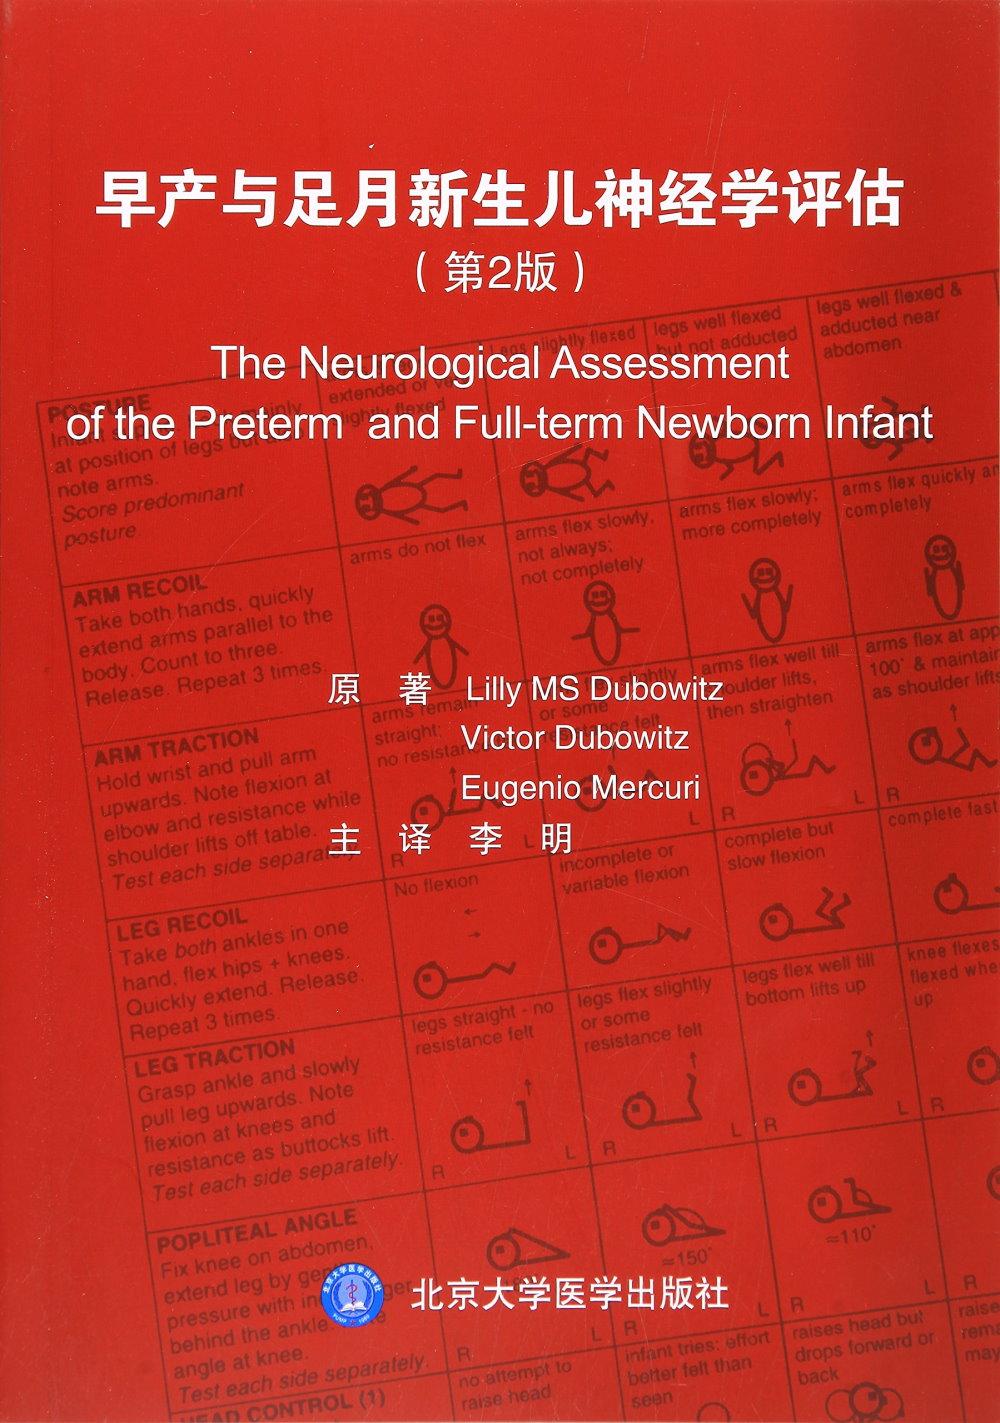 早產與足月新生兒神經學評估(第2版)